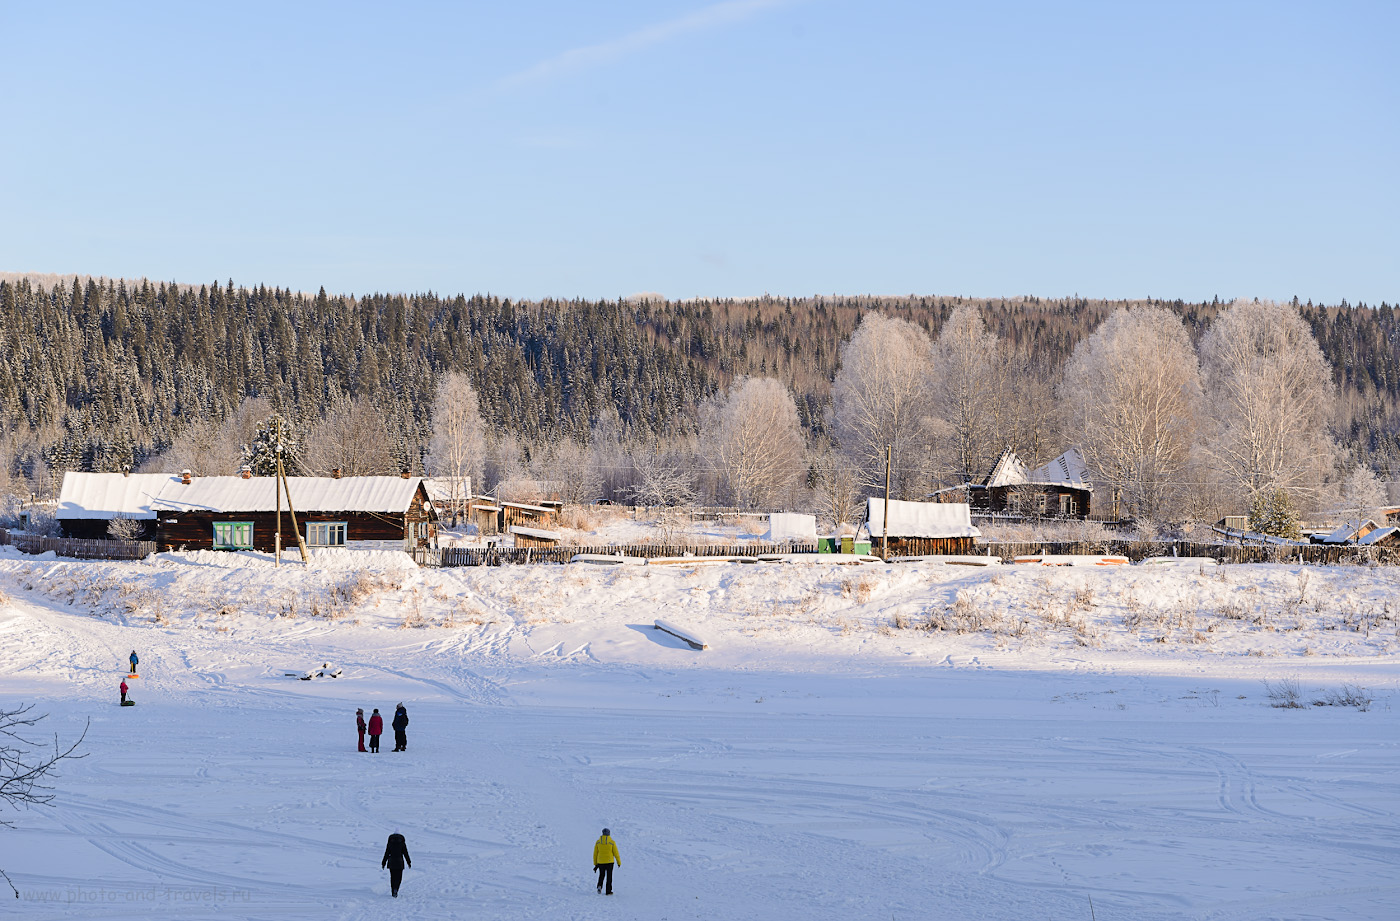 Фото 8. Вид на поселок Усть-Койва с другого берега, со стороны Мельничной реки. Как добраться к Мельничному ледяному водопаду. 1/160, +0.33, 8.0, 100, 66.